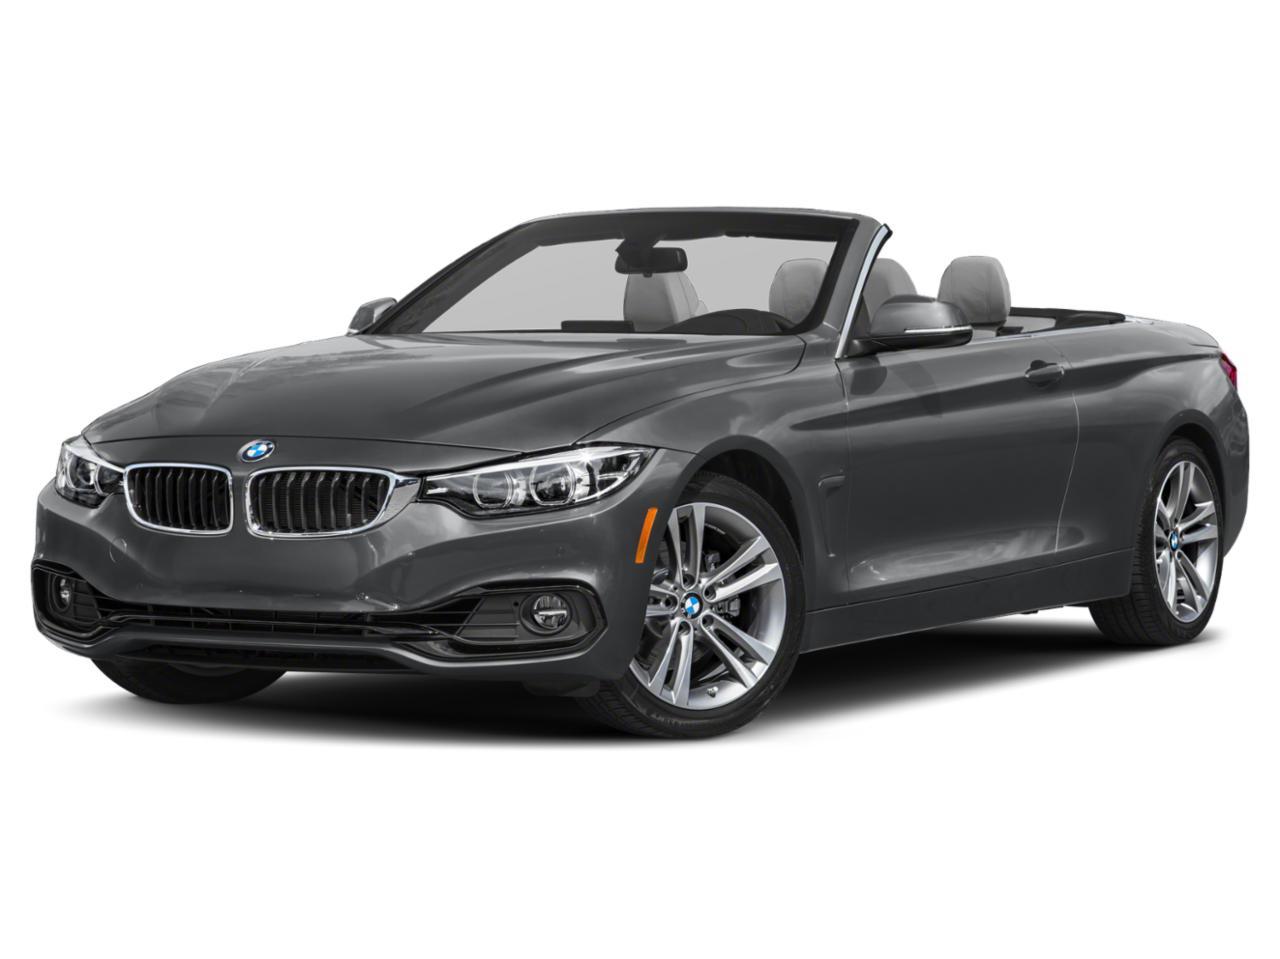 2020 BMW 430i xDrive Vehicle Photo in Appleton, WI 54913